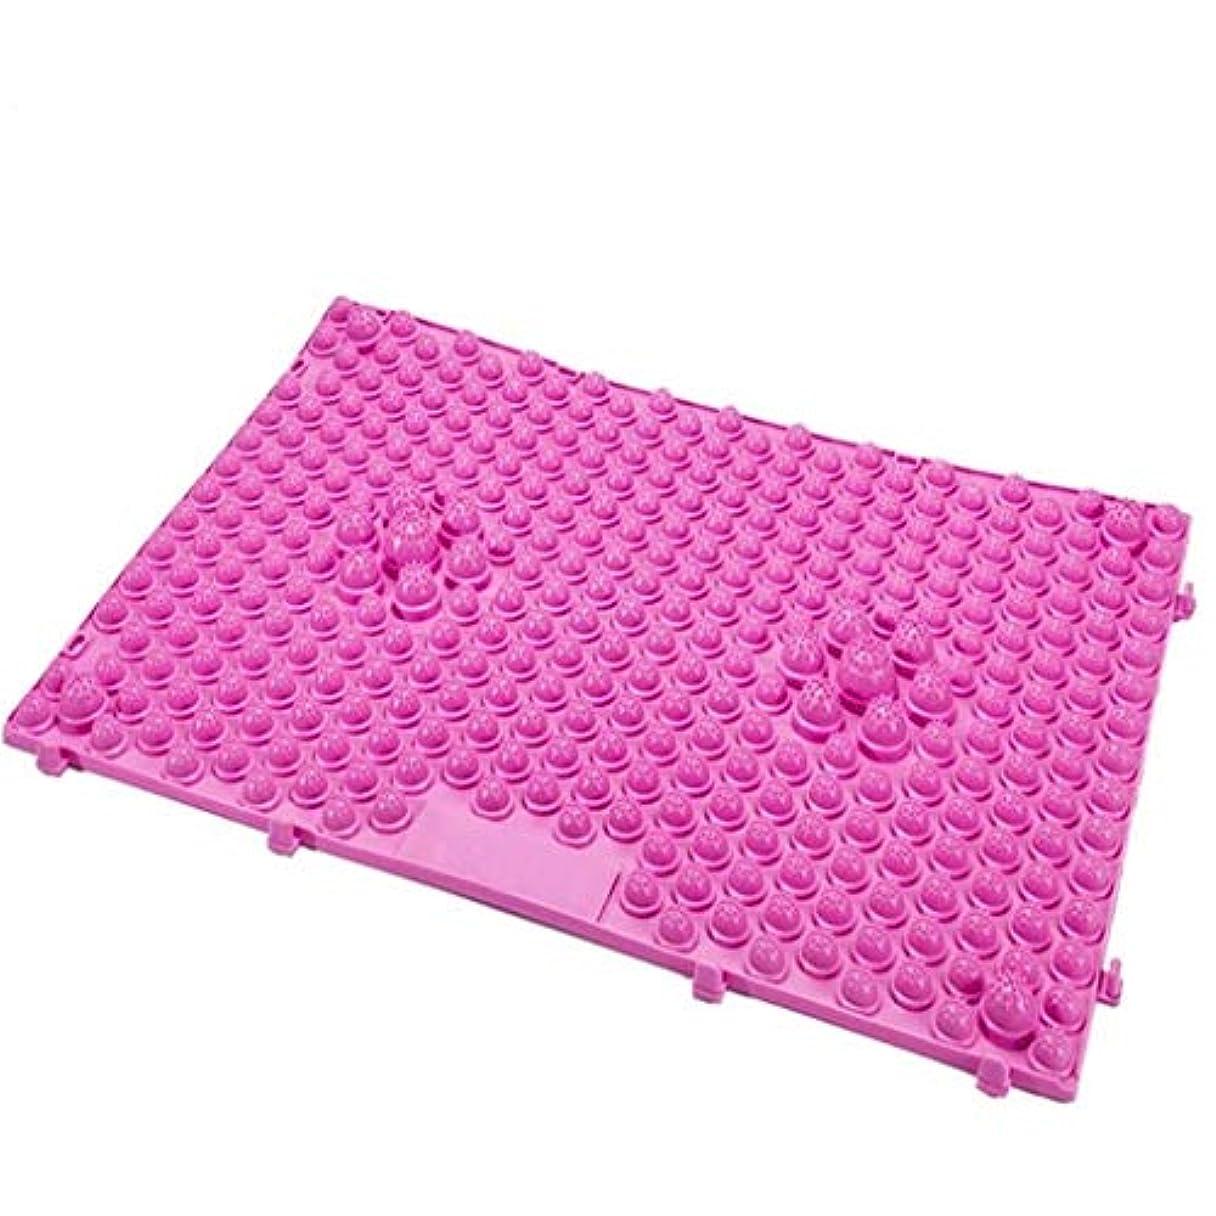 芸術かわいらしいパトワフットマッサージャー、フットマッサージ指圧パッド、フット/トーマッサージパッド、バスルームマット/ヨガマット/スポーツマット (Color : ピンク)